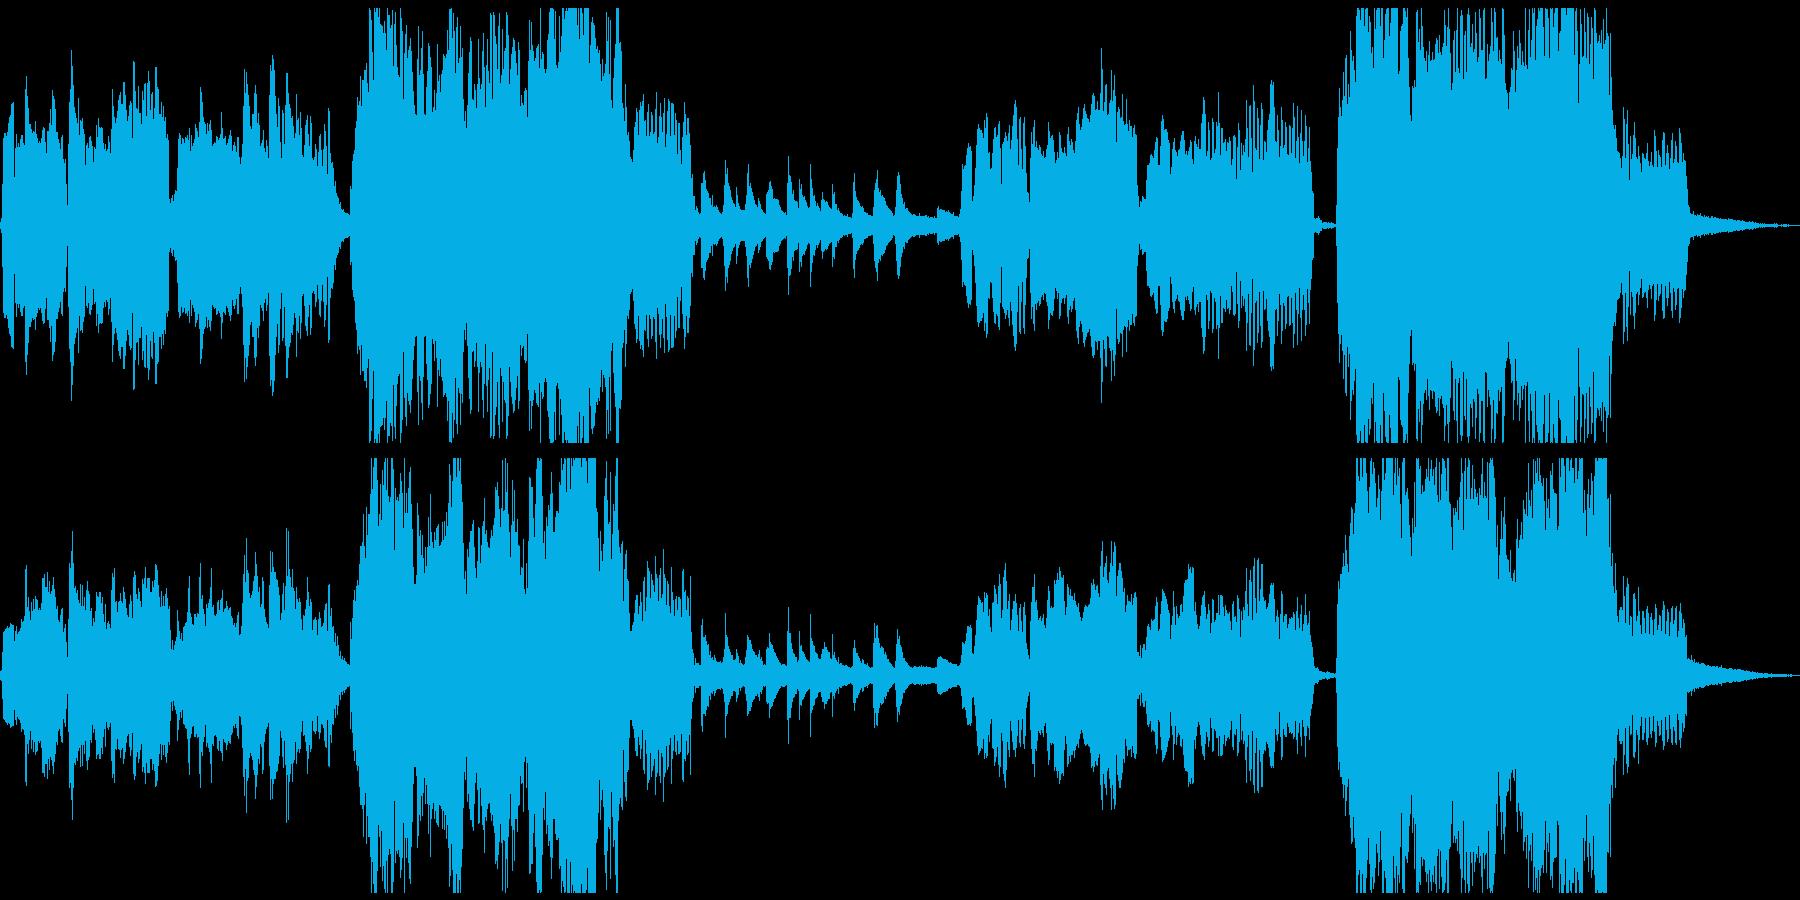 和風、伝統的で厳格な雰囲気に最適な曲の再生済みの波形